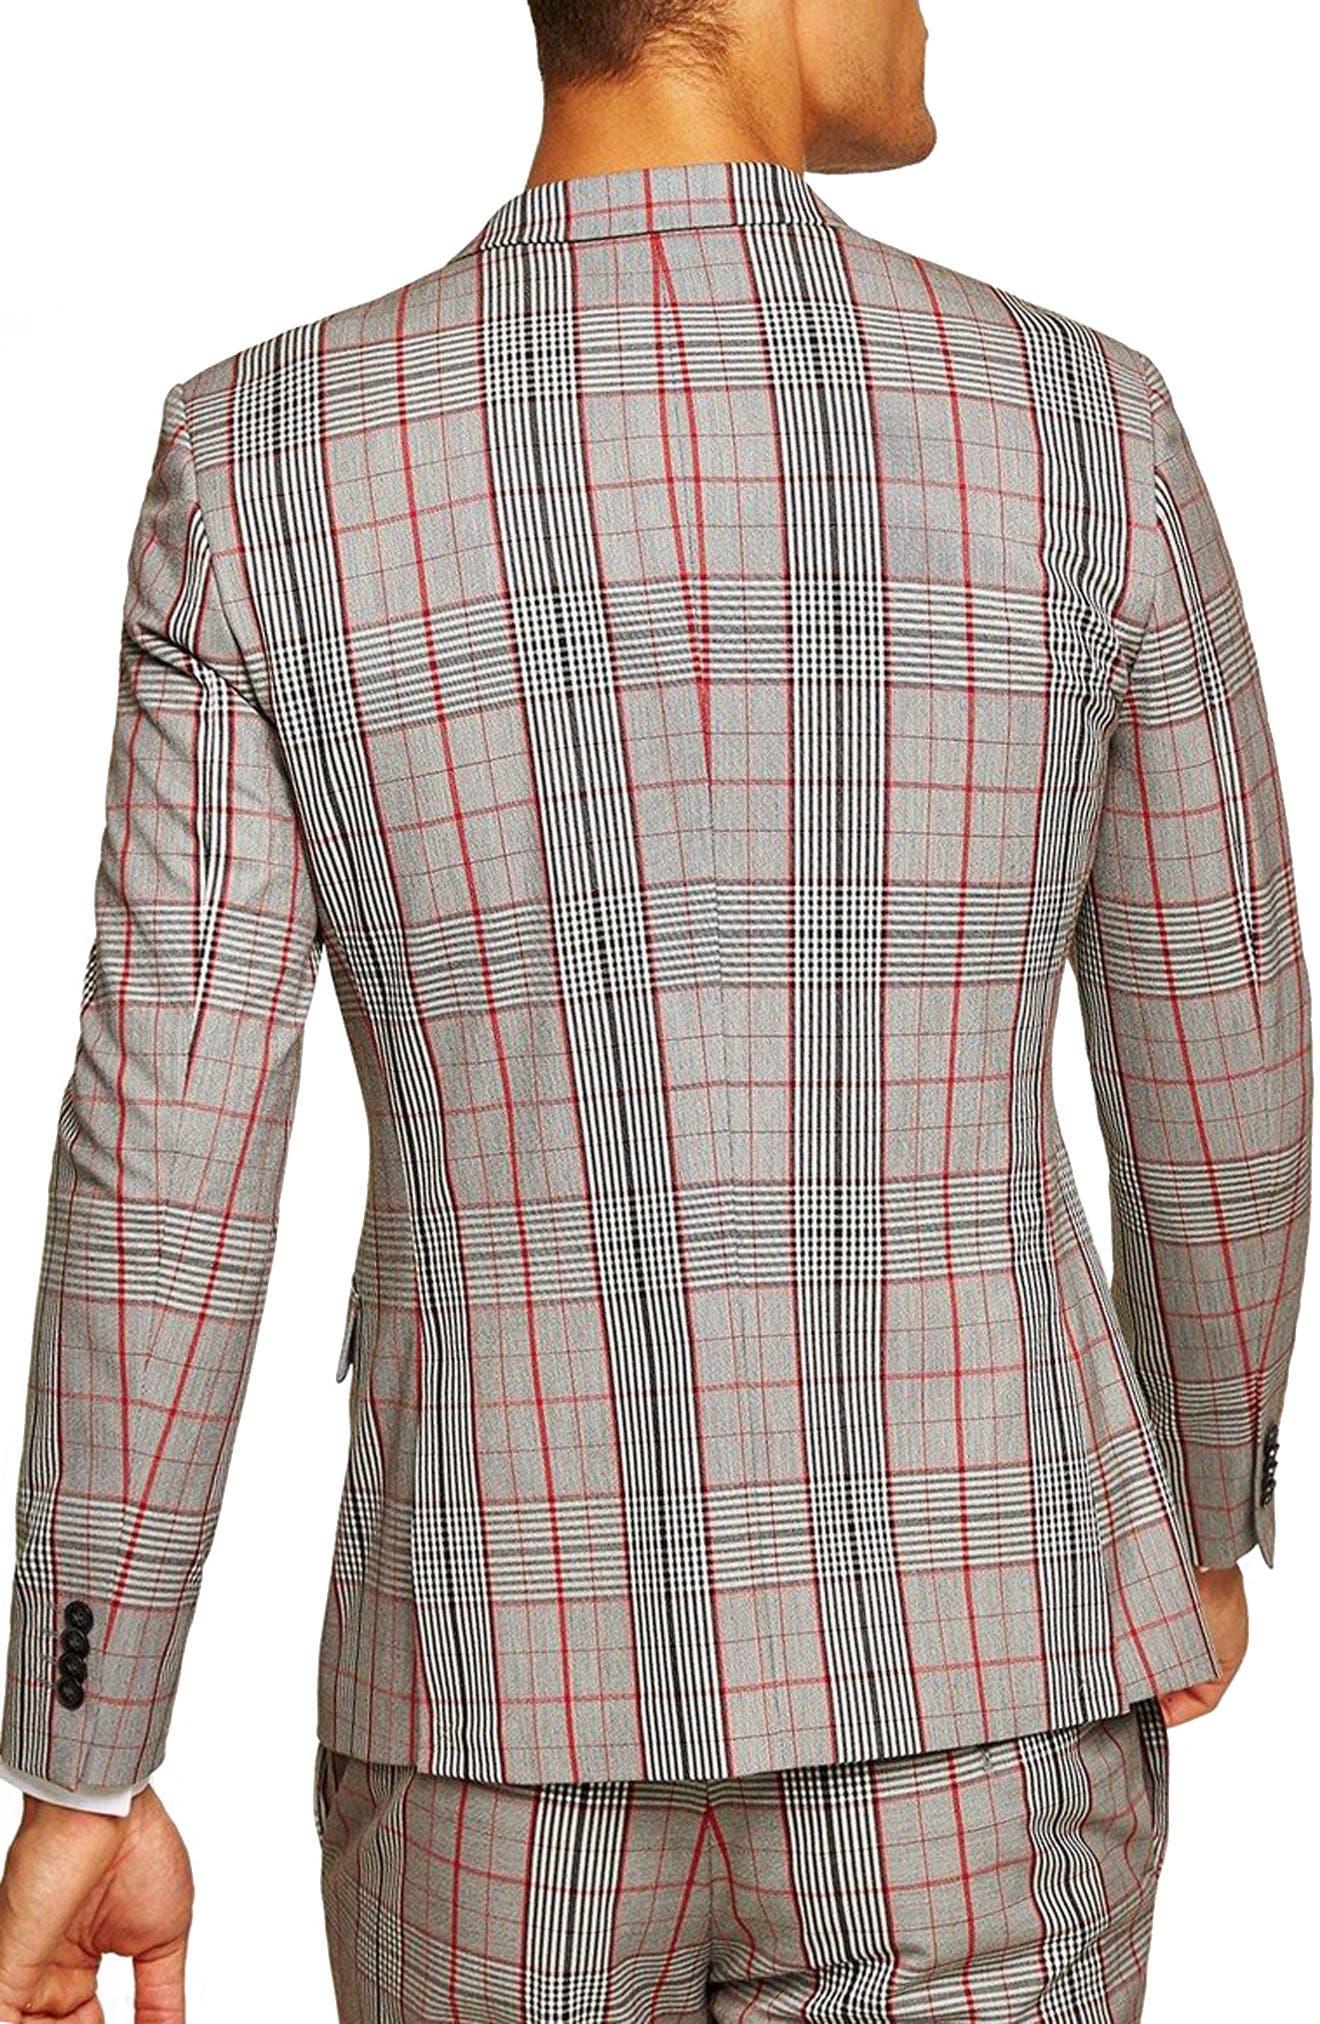 TOPMAN, Muscle Fit Check Suit Jacket, Alternate thumbnail 2, color, 020